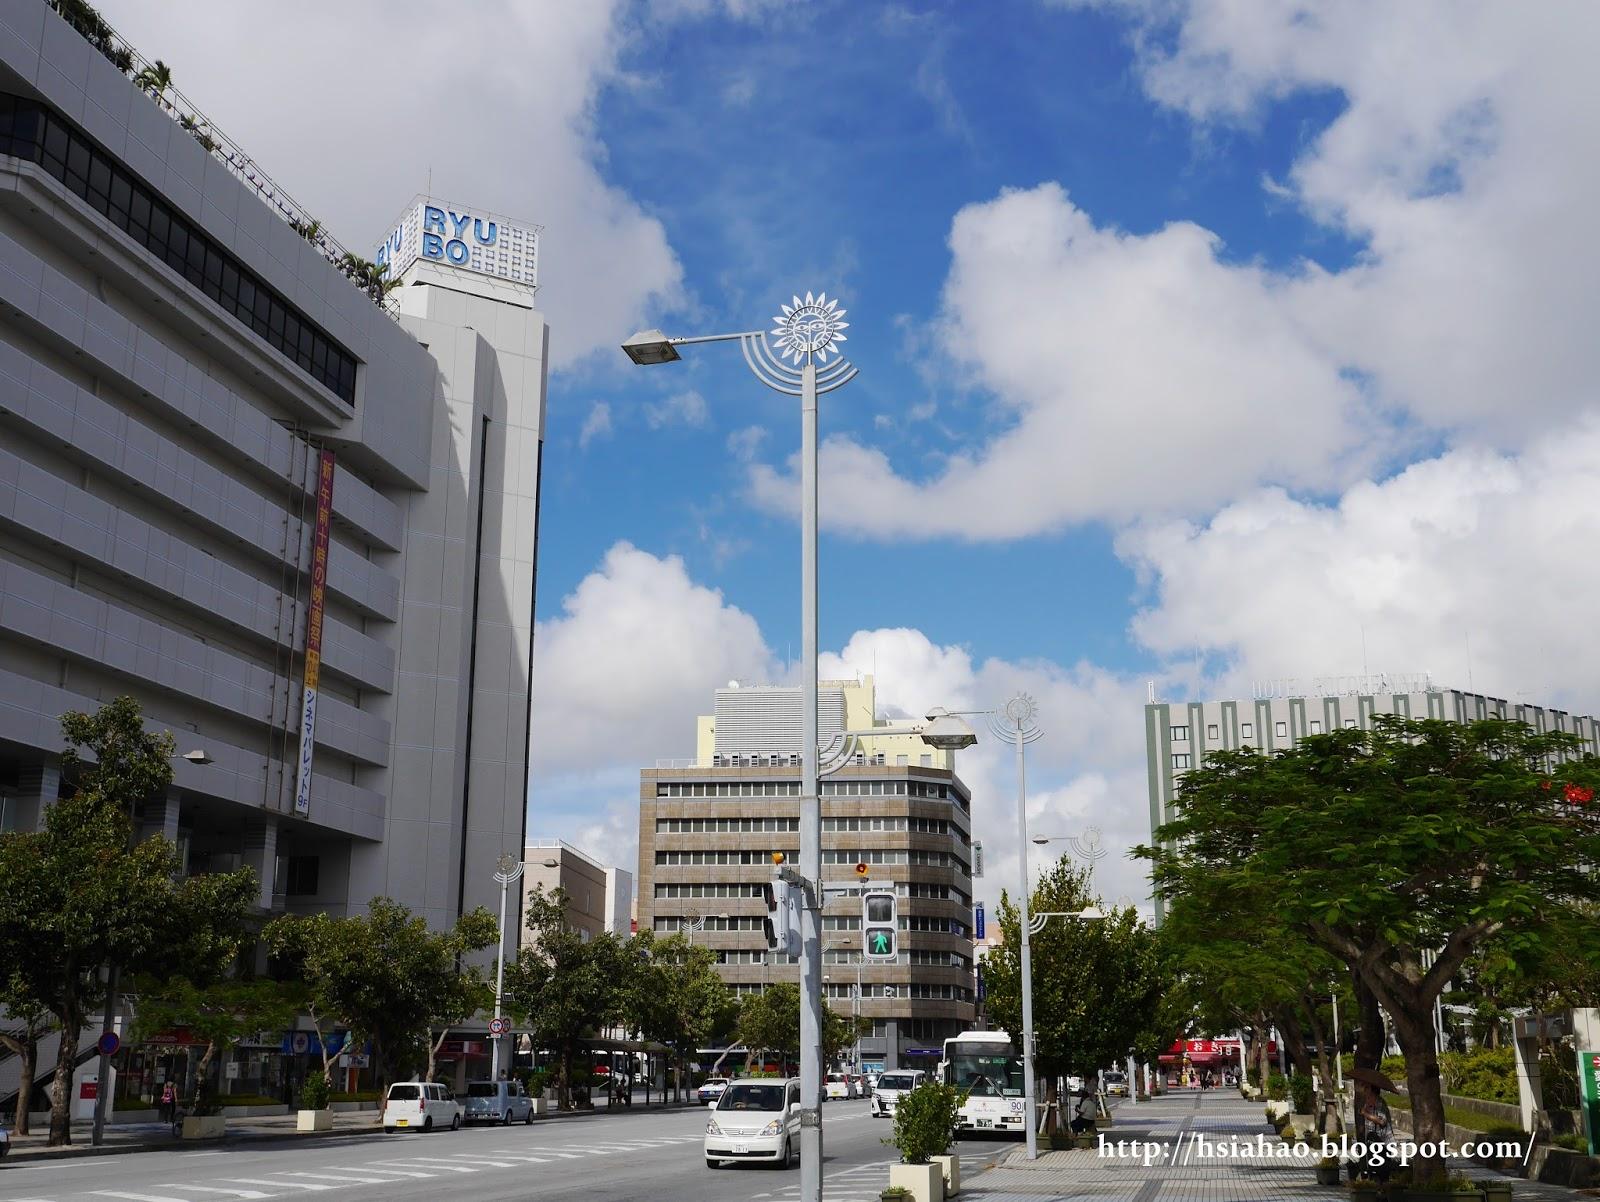 沖繩-縣廳前-ryubo-國際通-逛街-購物-景點-自由行-Okinawa-kokusaidori